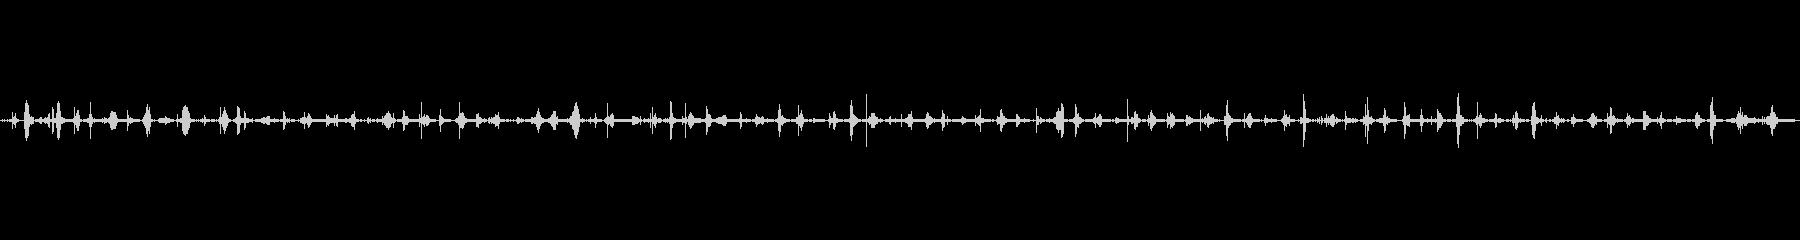 足音(歩く3)サンダル+コンクリートの未再生の波形